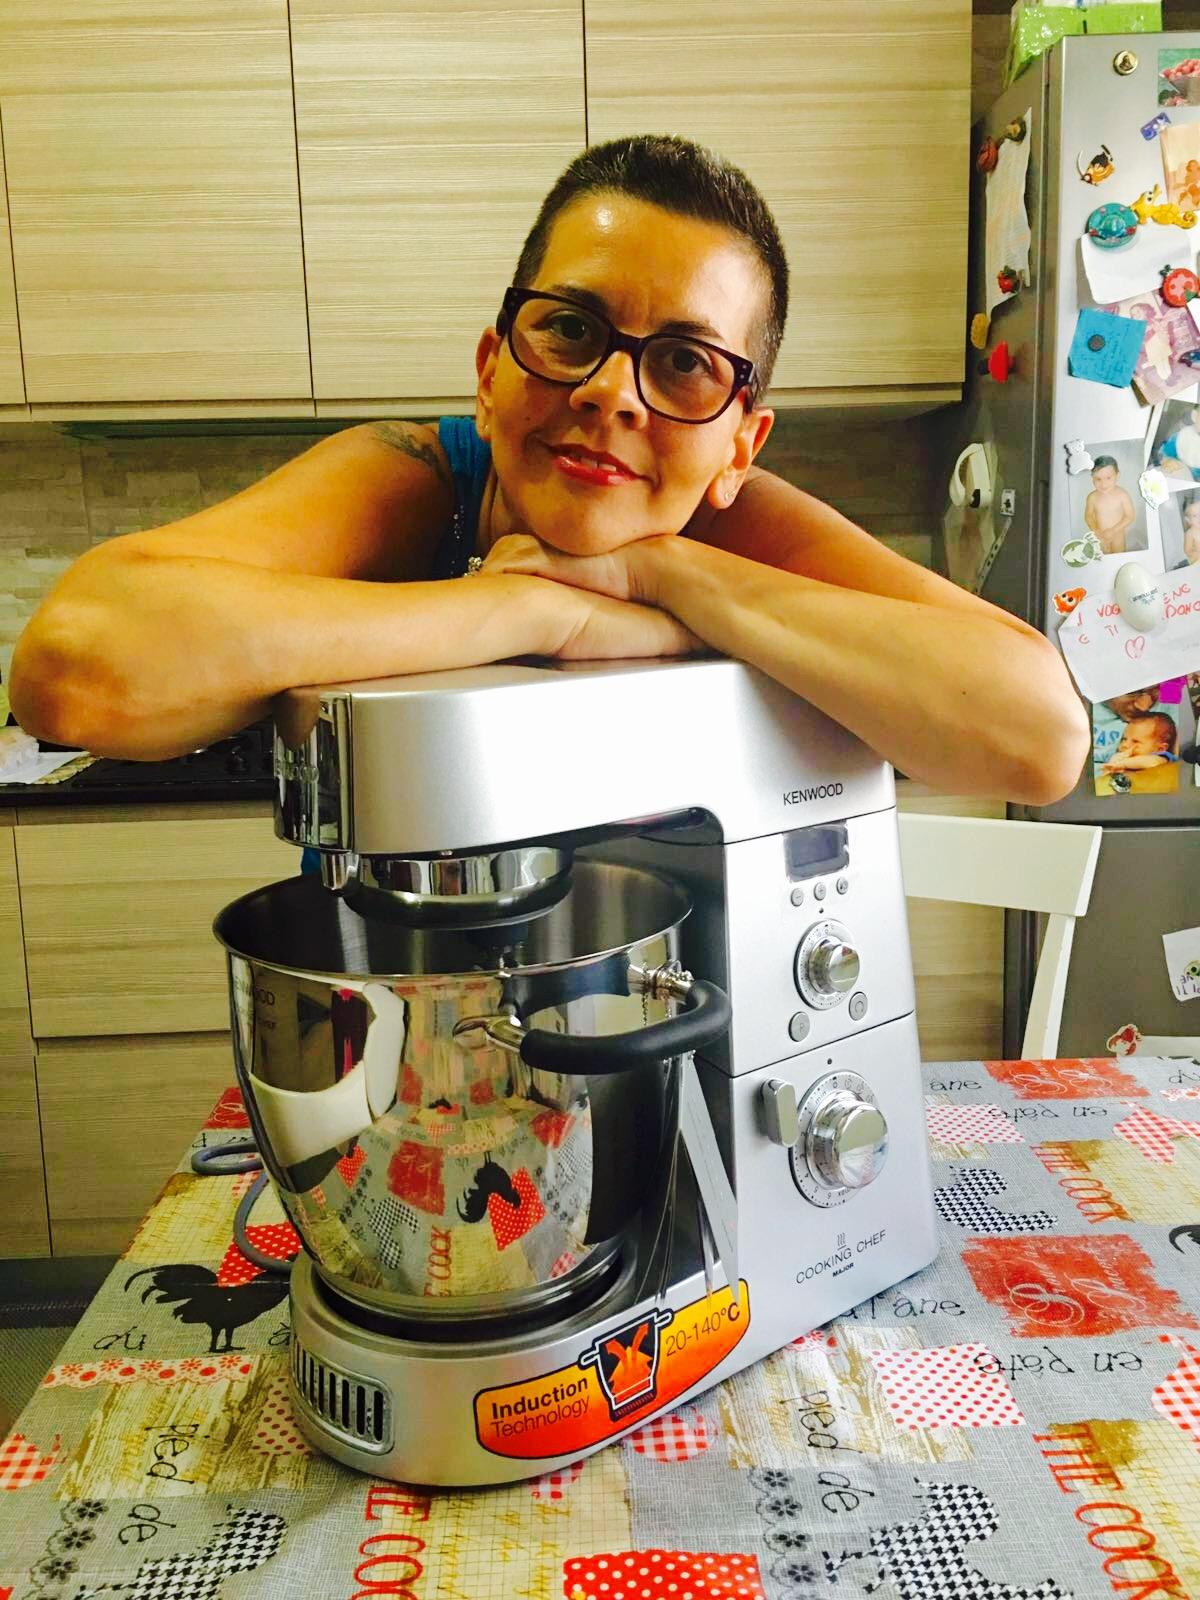 COLLABORAZIONE KENWOOD CHEF | In cucina con Frollina